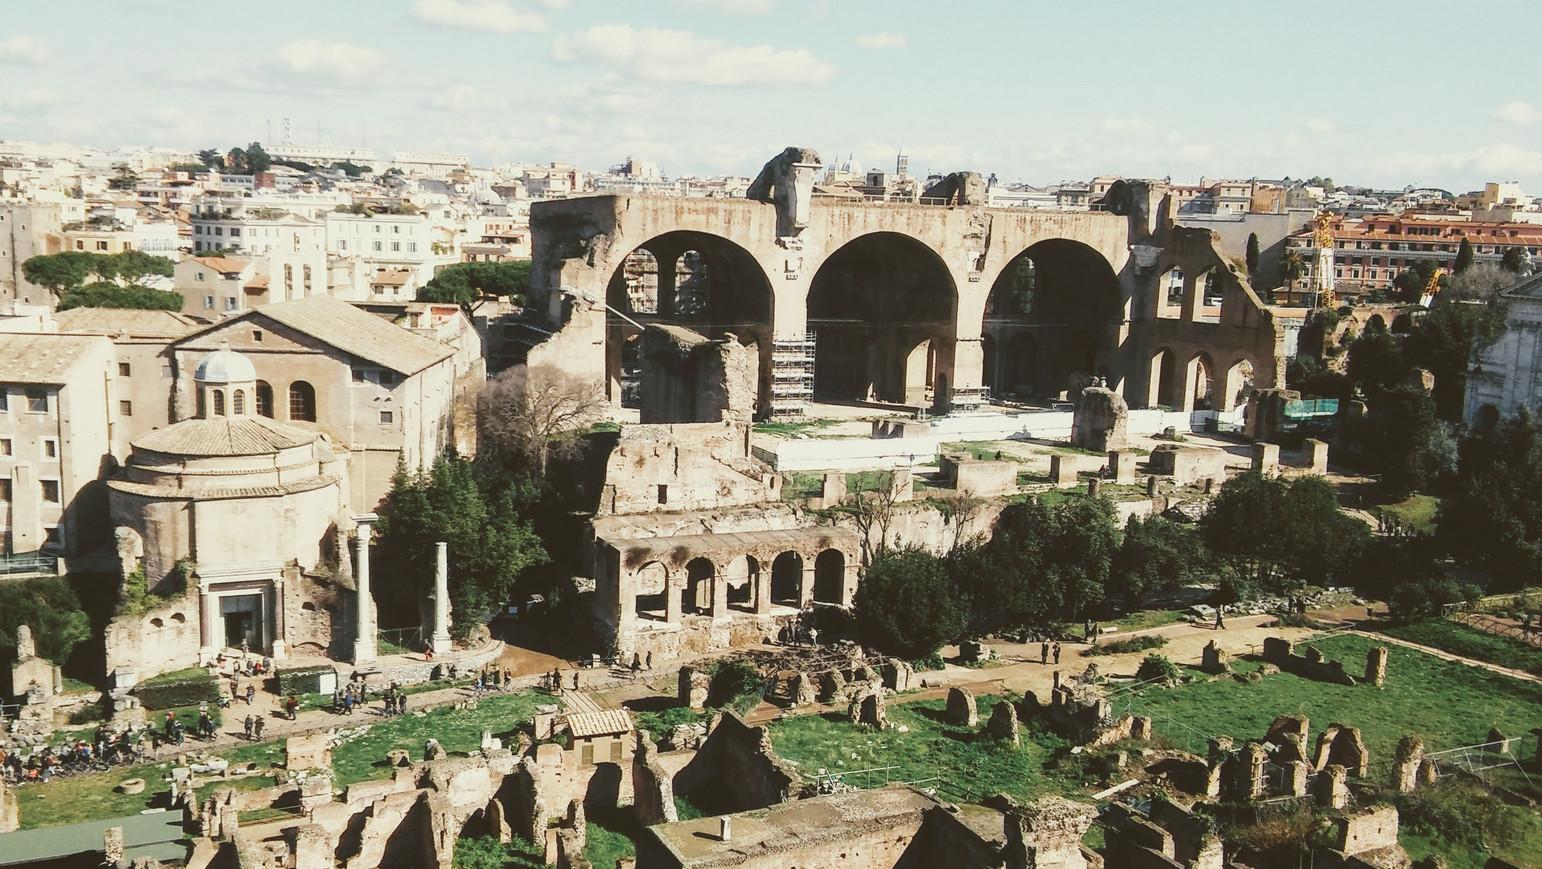 Rzym - Forum Romanum i Palatyn 3